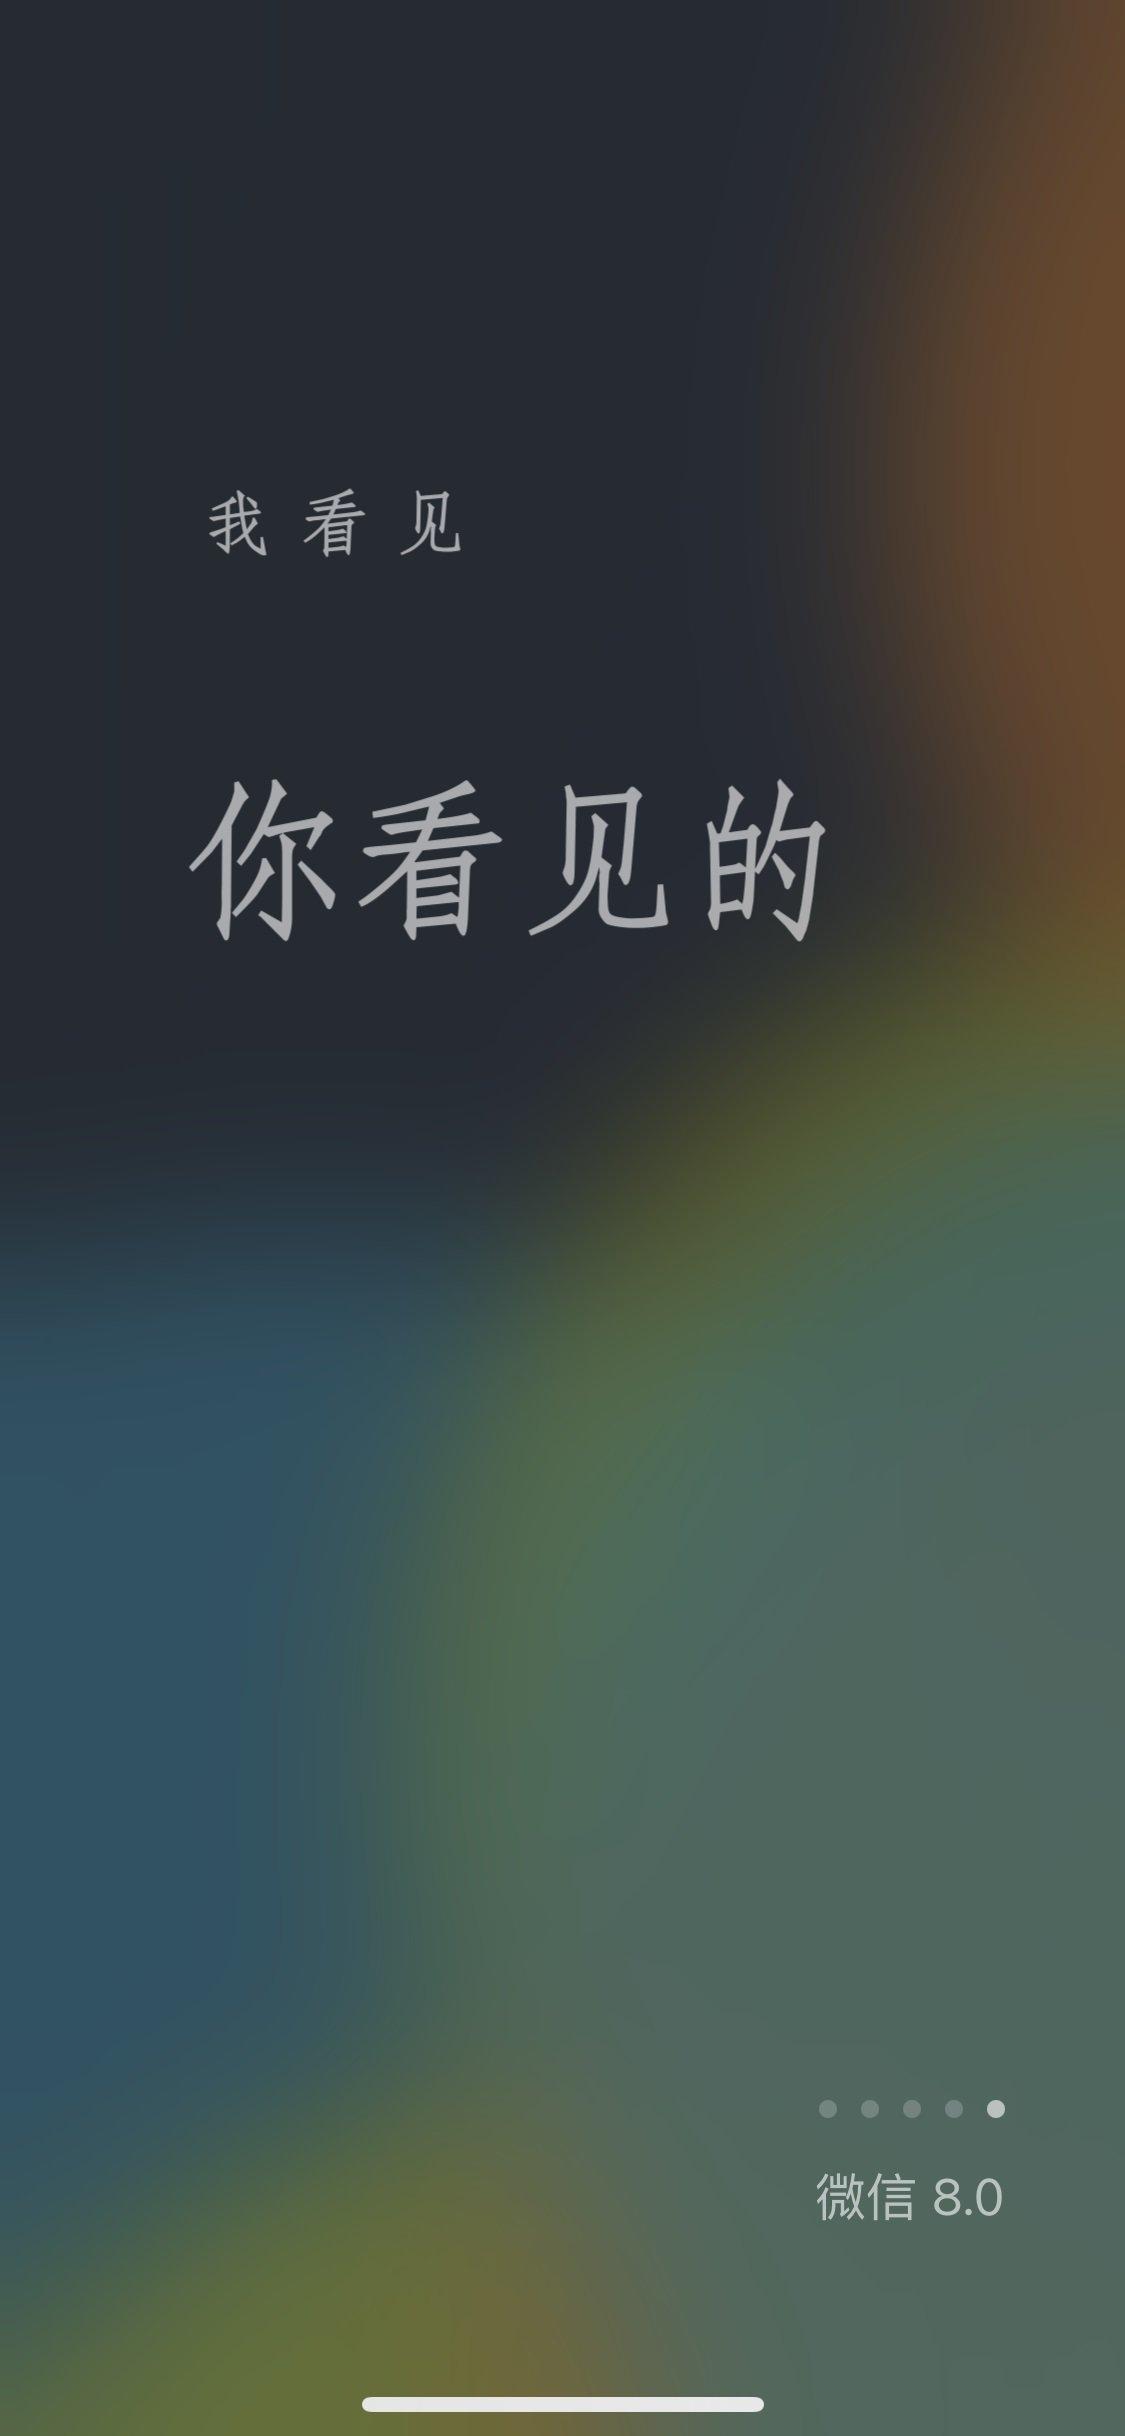 微信8.0状态视频素材